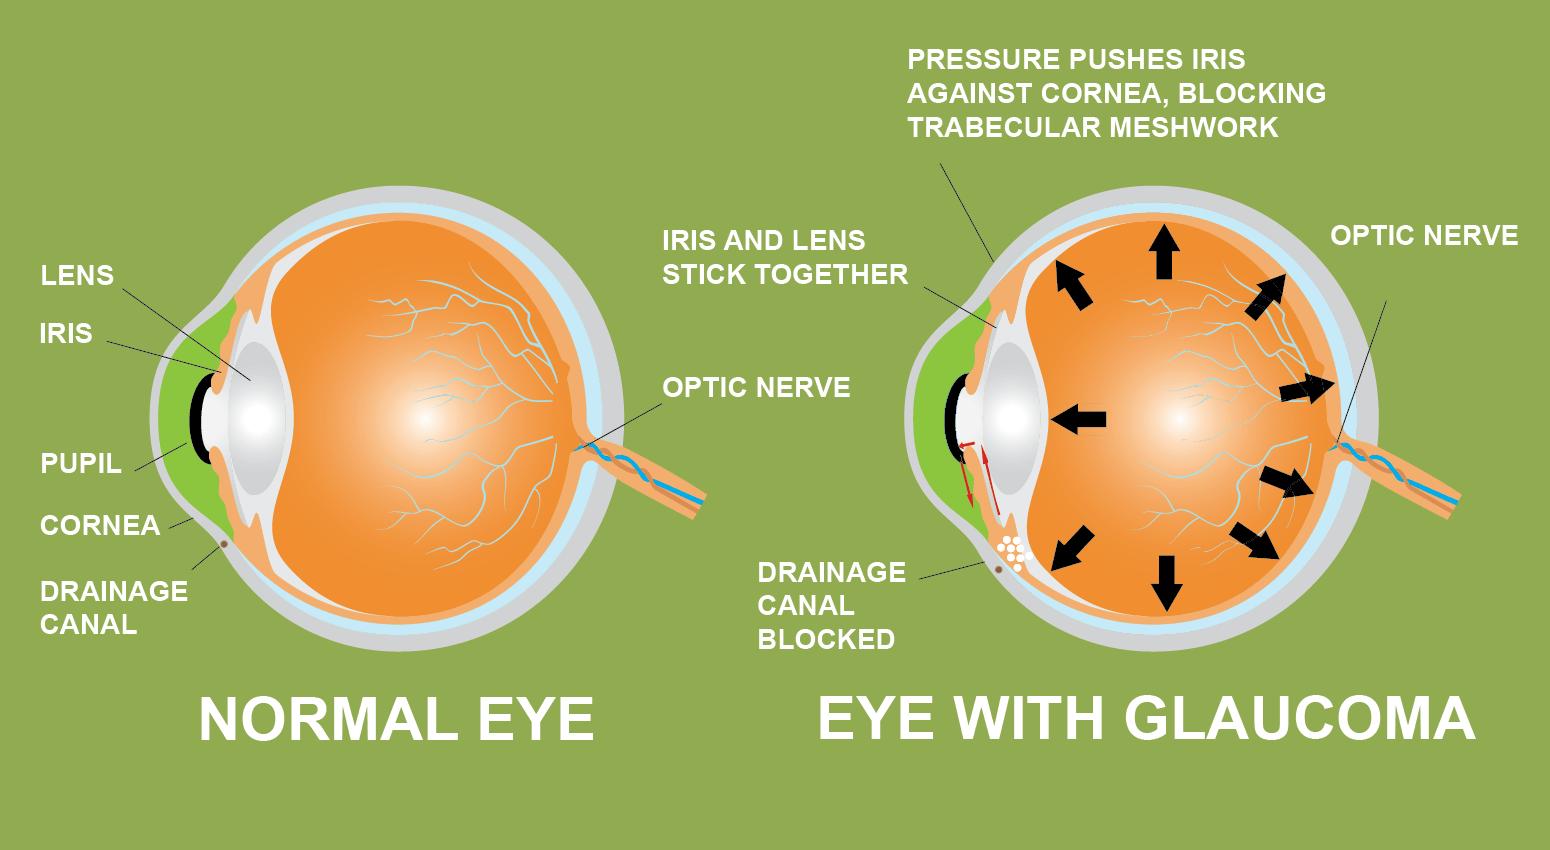 glaucoma iride cannabis canale allievo lente drenaggio cornea prevenzione